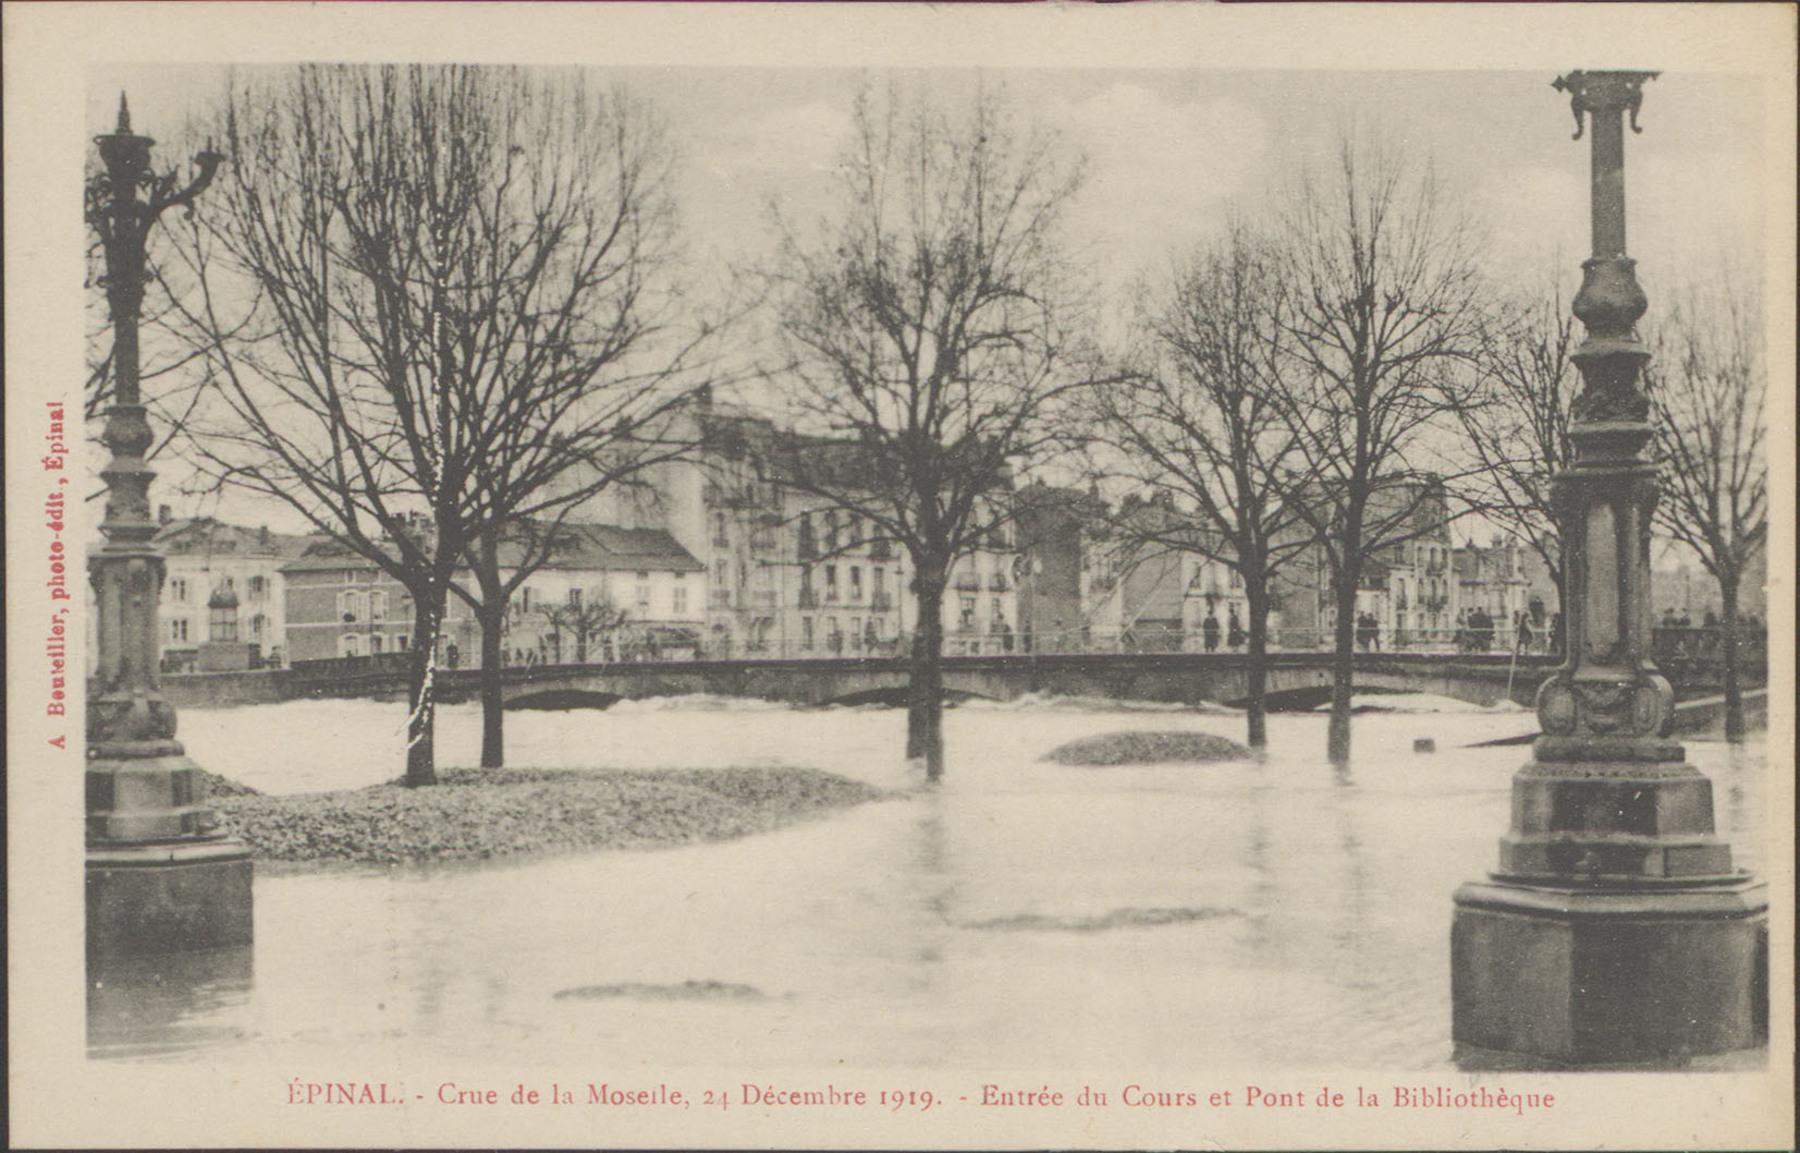 Contenu du Épinal, Crue de la Moselle, 24 décembre 1919, Entrée du Cours et pont de la bibliothèque